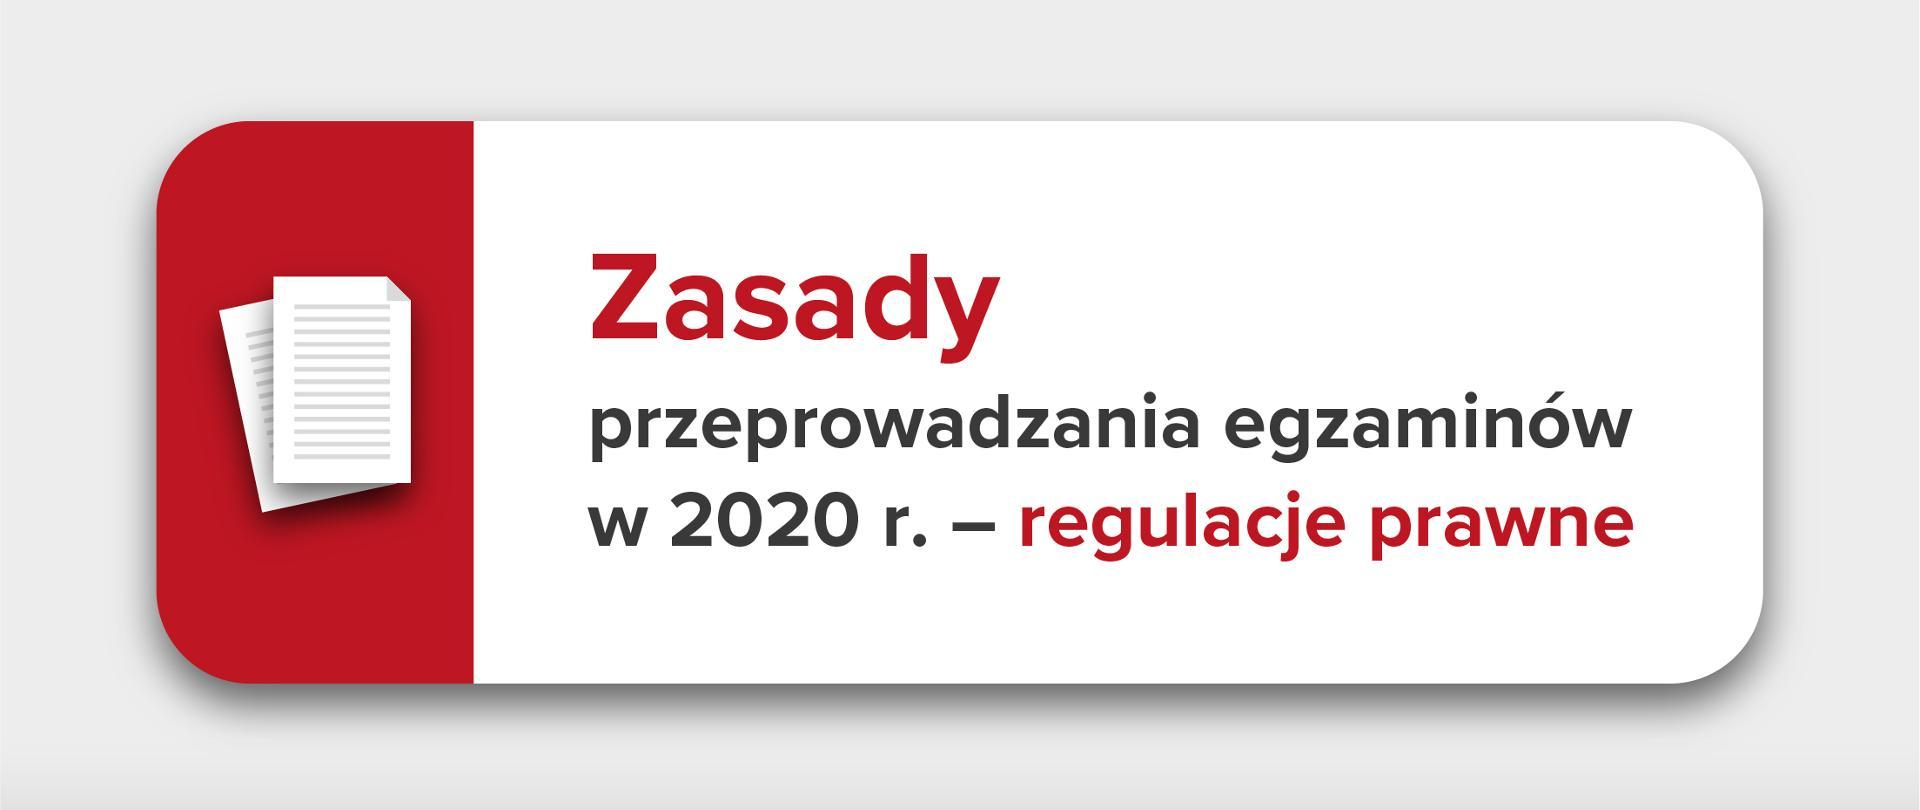 Zasady przeprowadzania egzaminów w 2020 r. - regulacje prawne